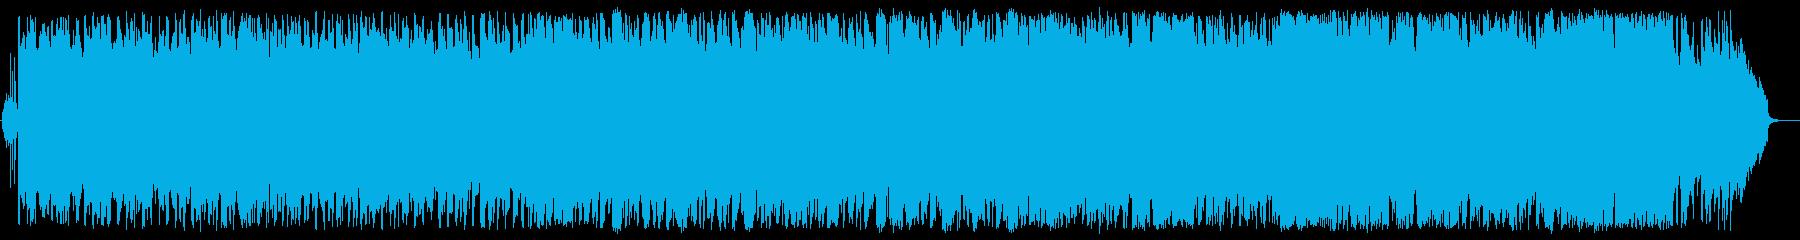 大空を飛翔する壮大爽快オーケストラポップの再生済みの波形